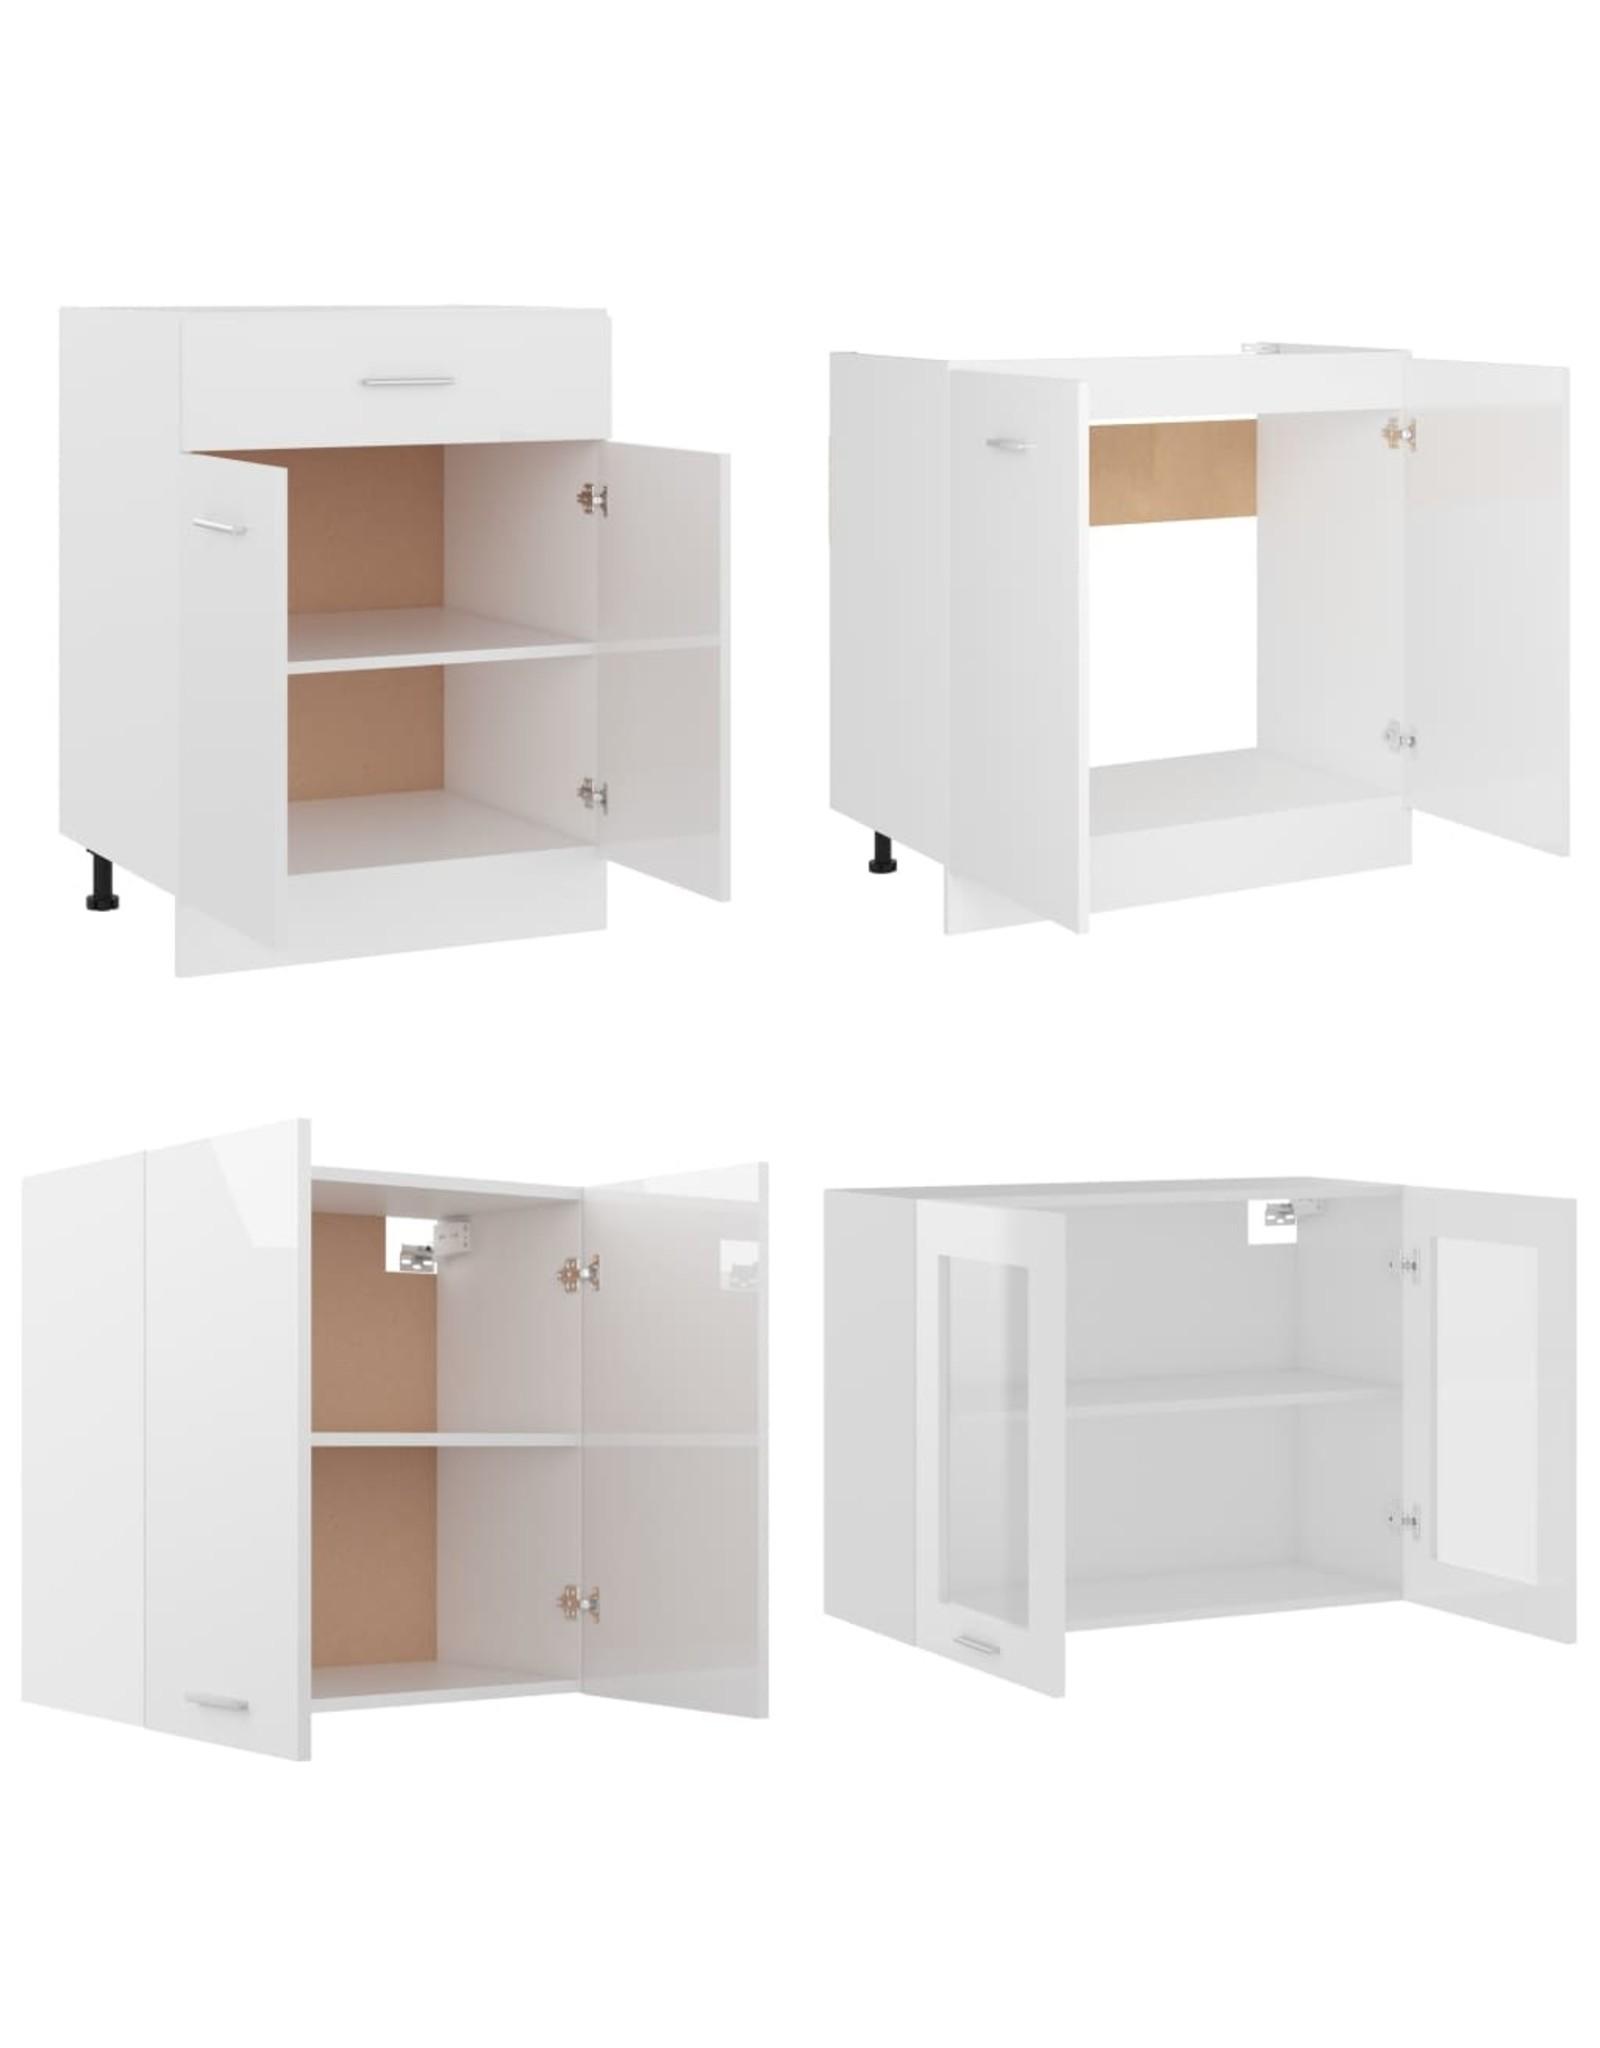 4-delige Keukenkastenset spaanplaat hoogglans wit